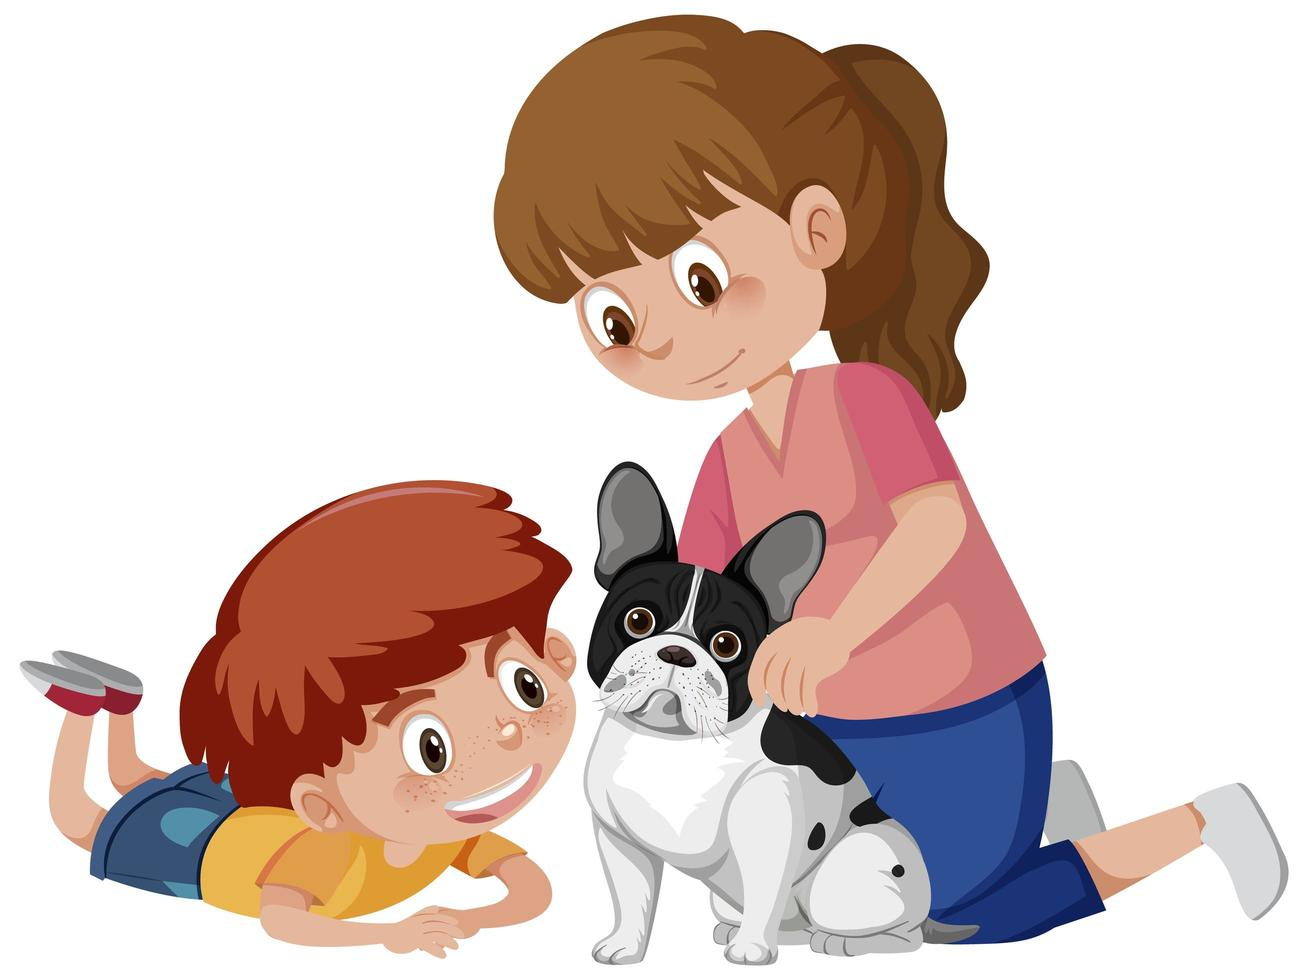 deux enfants jouant avec un chien mignon sur fond blanc vecteur